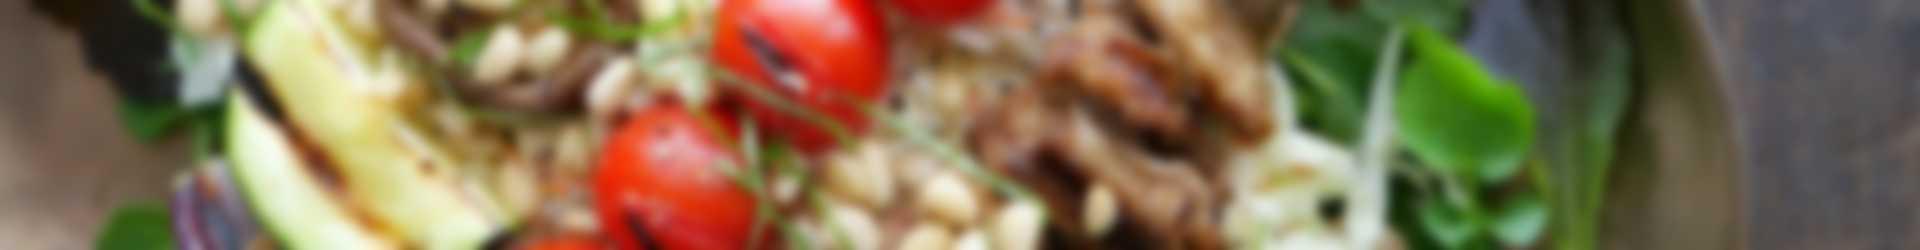 tomaat-spiesjes